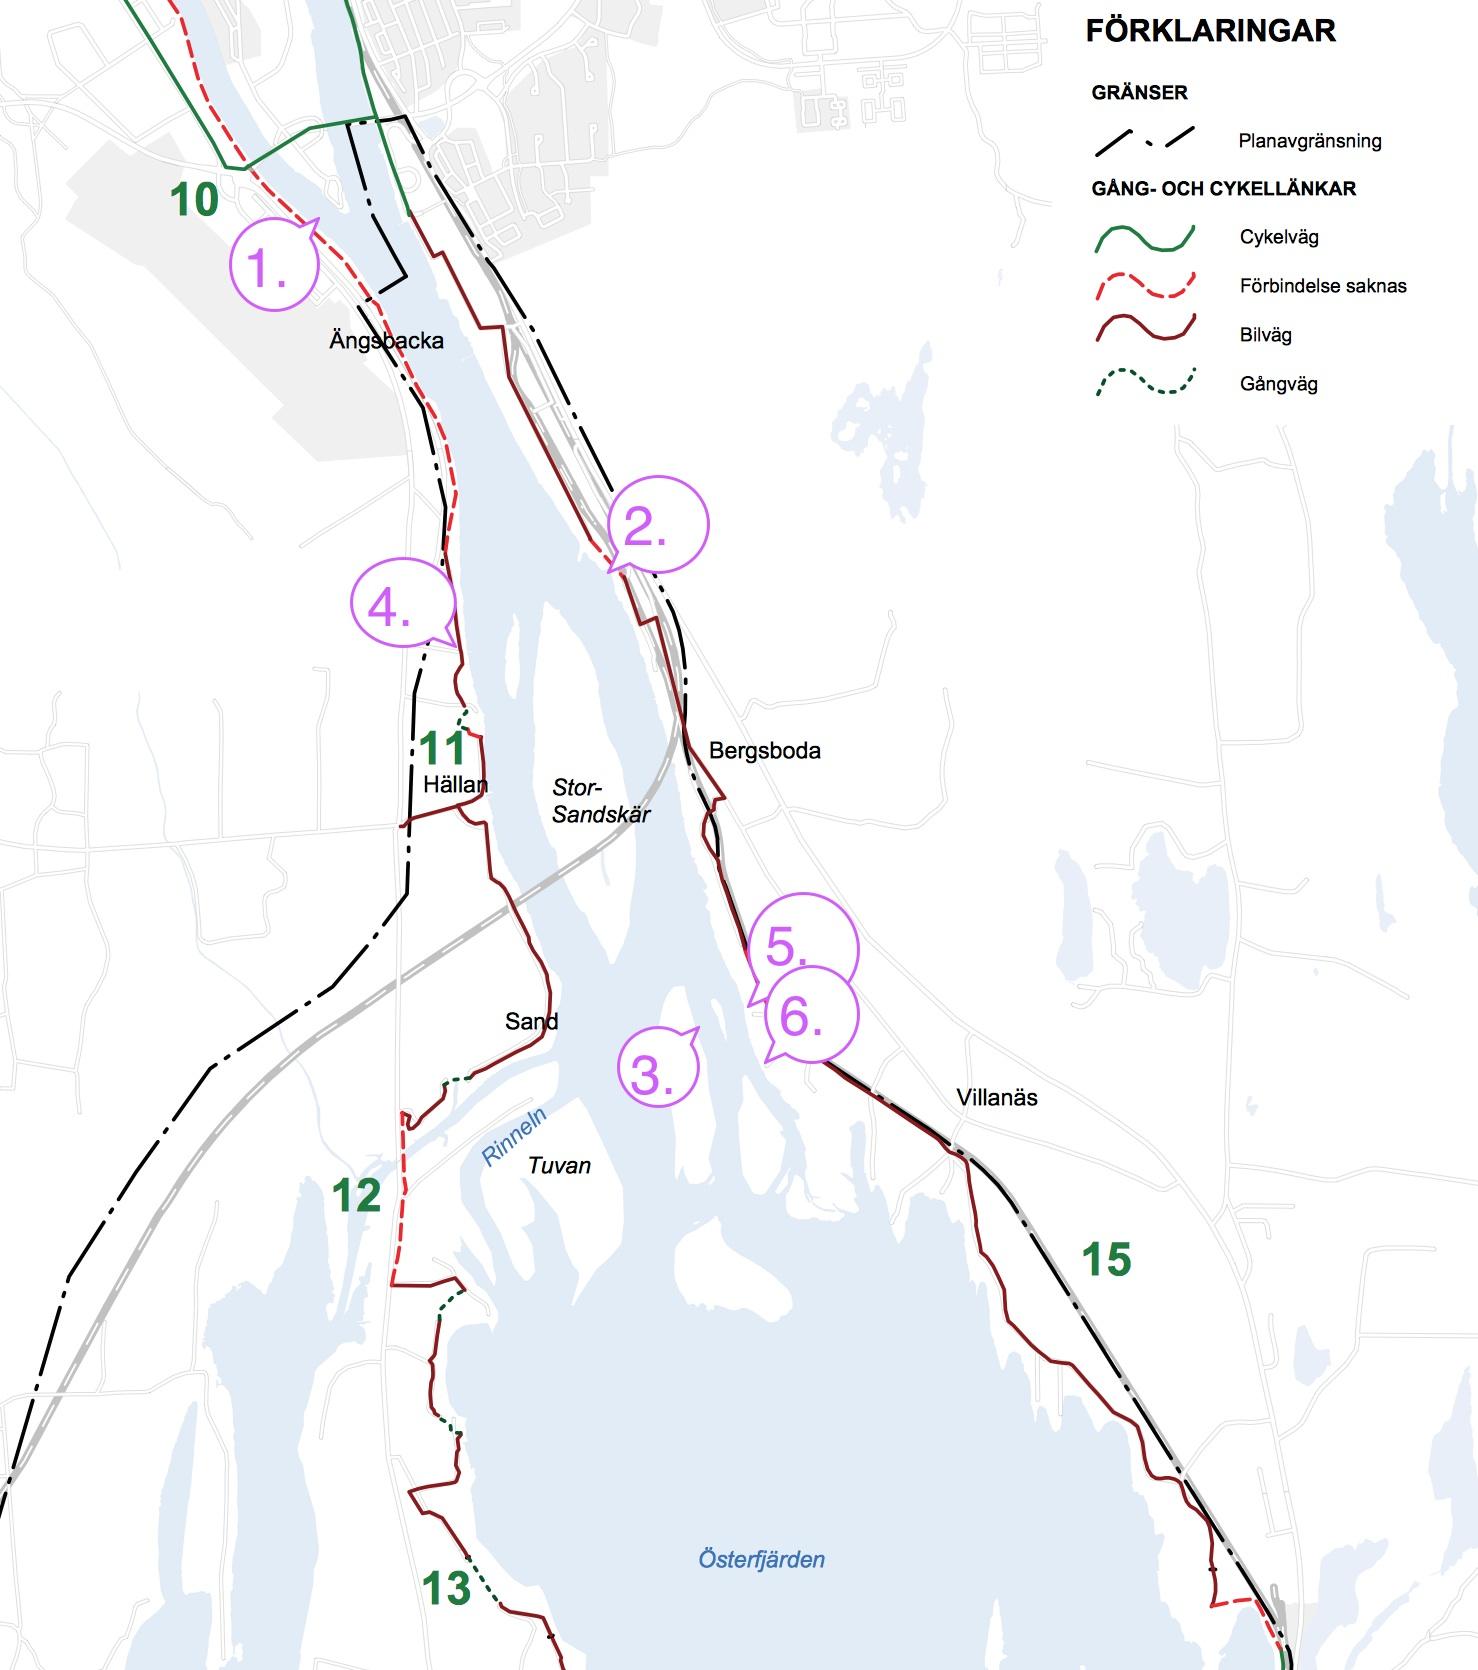 Tegs bys bryggor i Umeälvens Delta för spöfiske